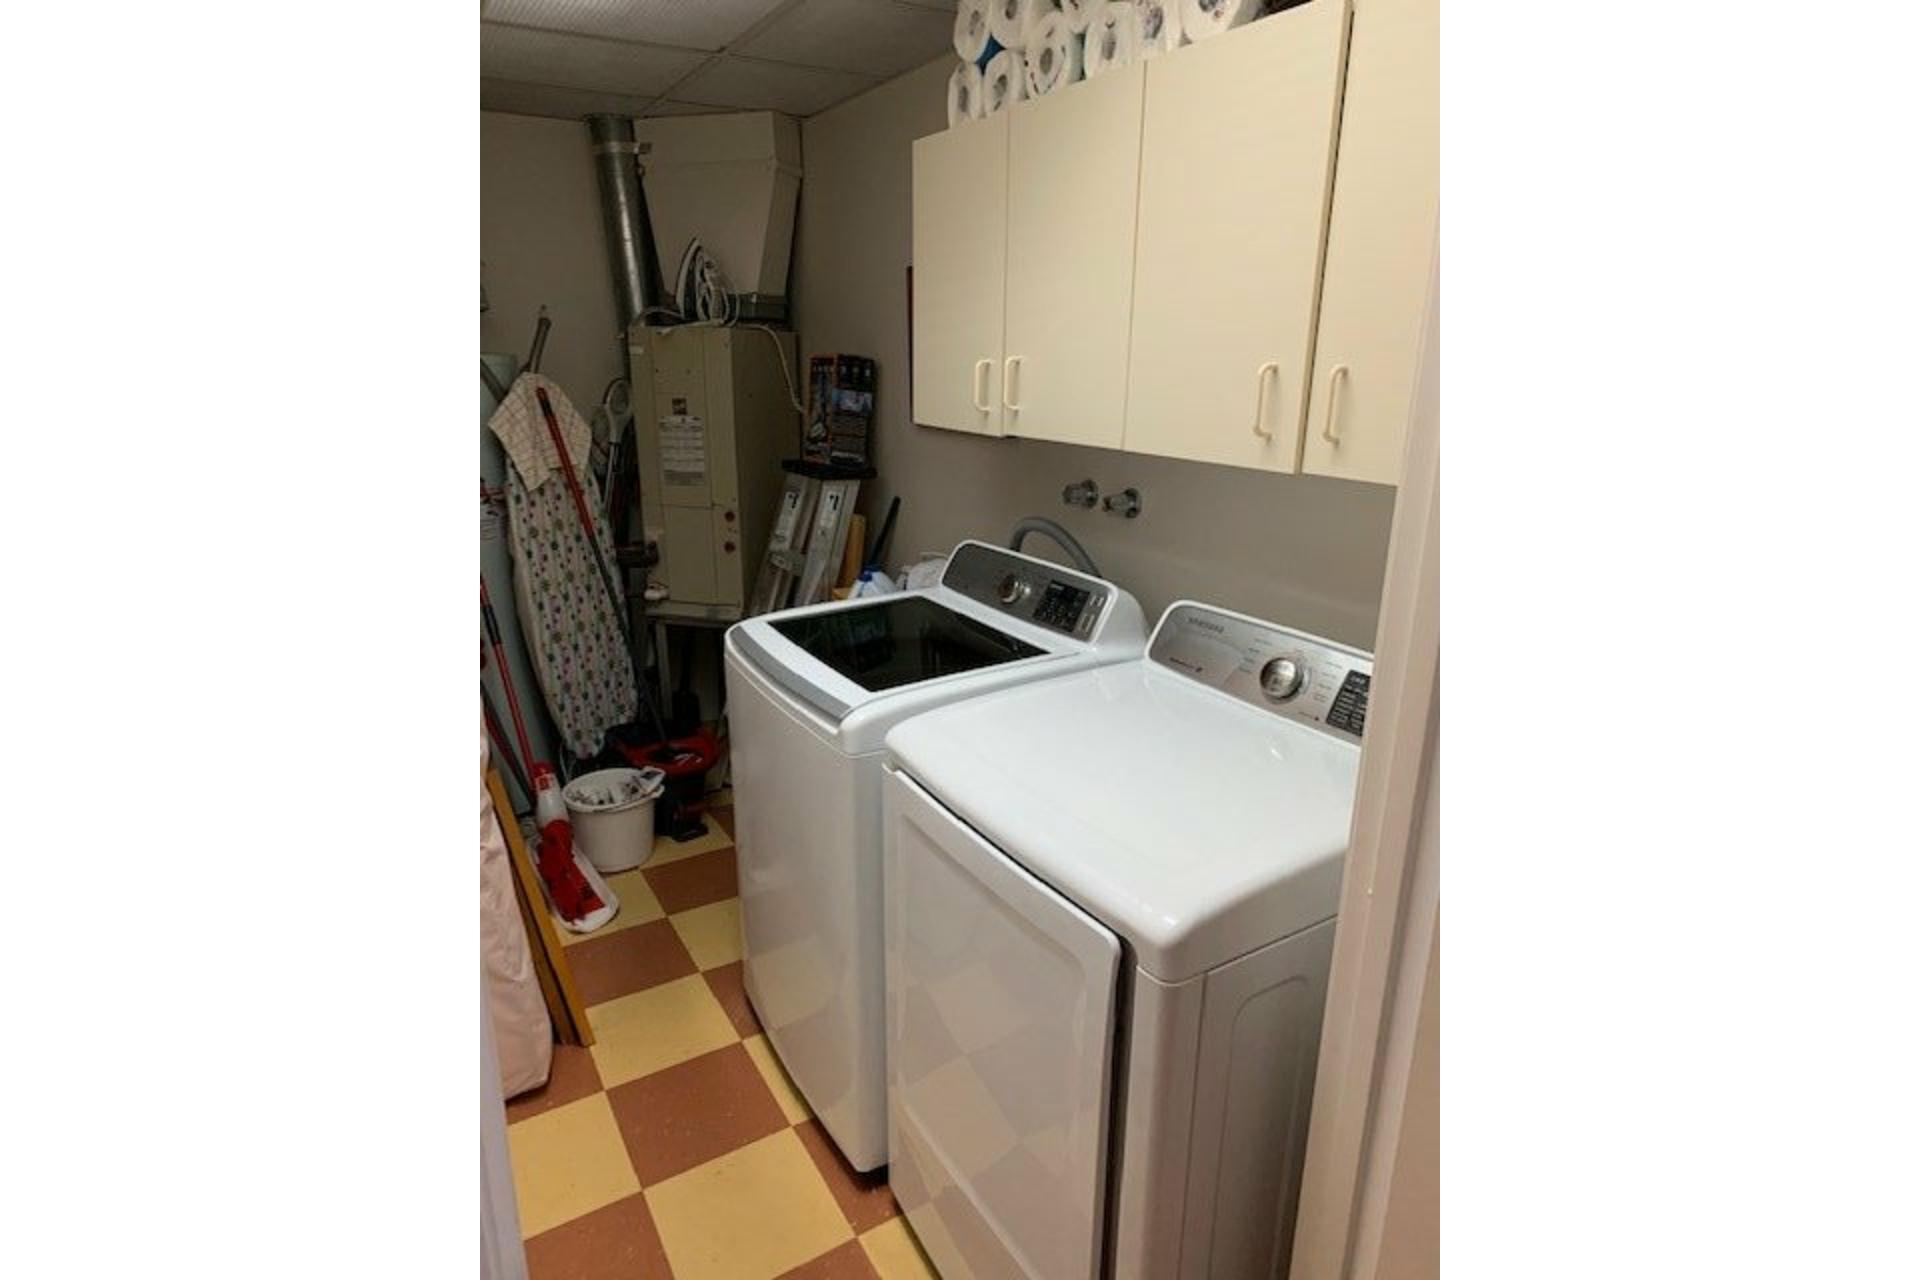 image 34 - Apartment For sale Côte-des-Neiges/Notre-Dame-de-Grâce Montréal  - 5 rooms